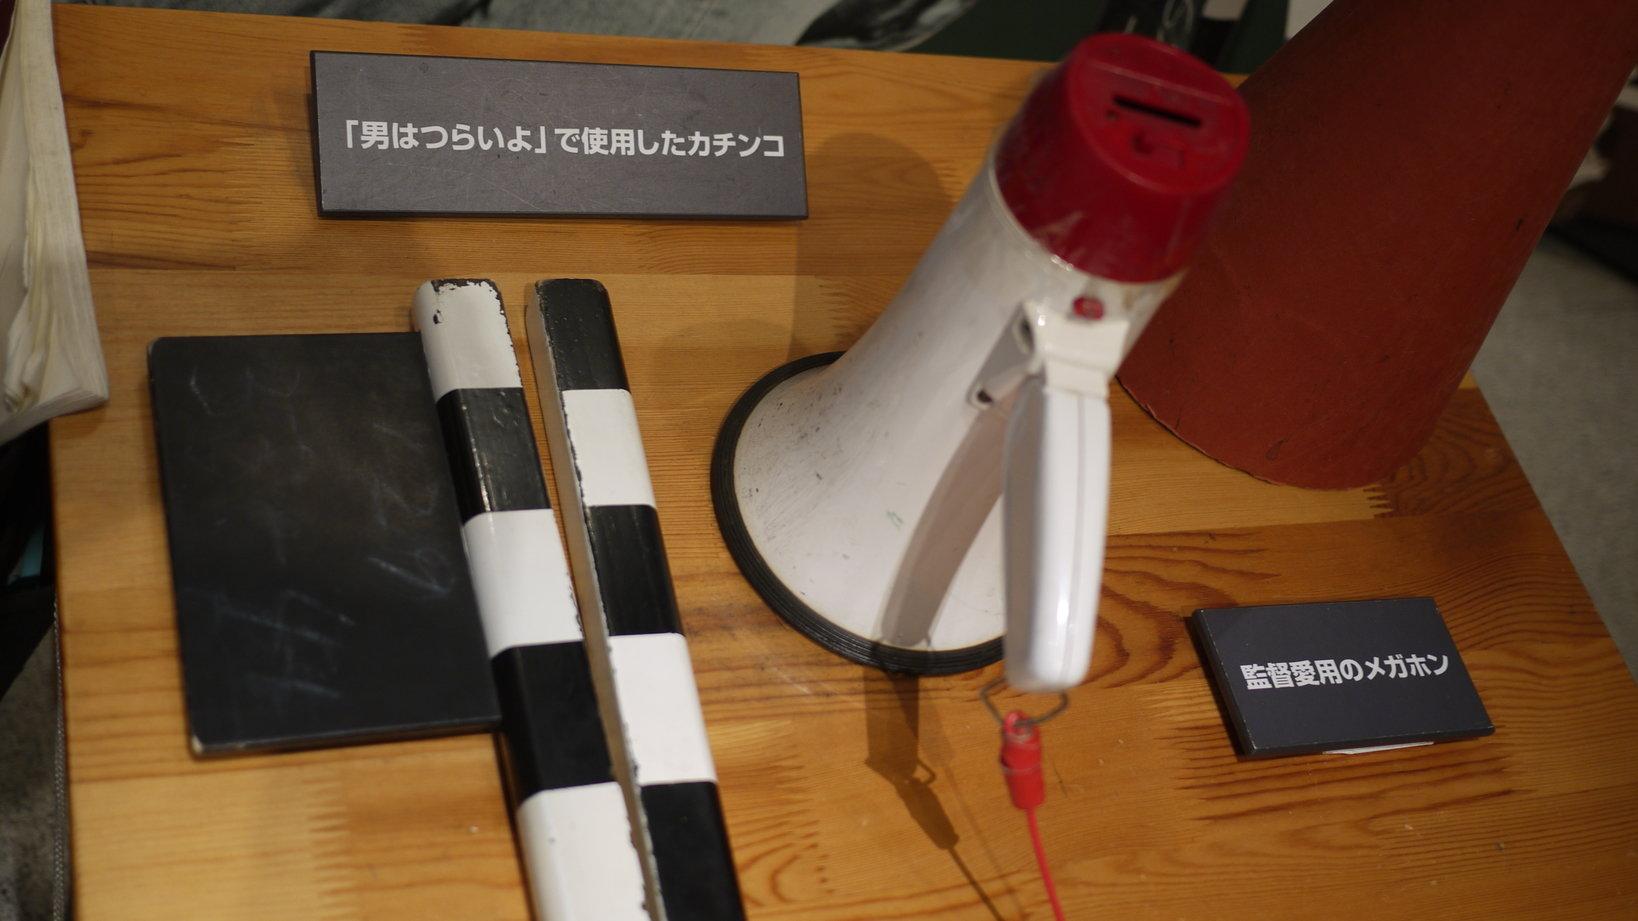 実際に山田洋次監督が使っていたメガホンやカッチン。触る事が出来ます。